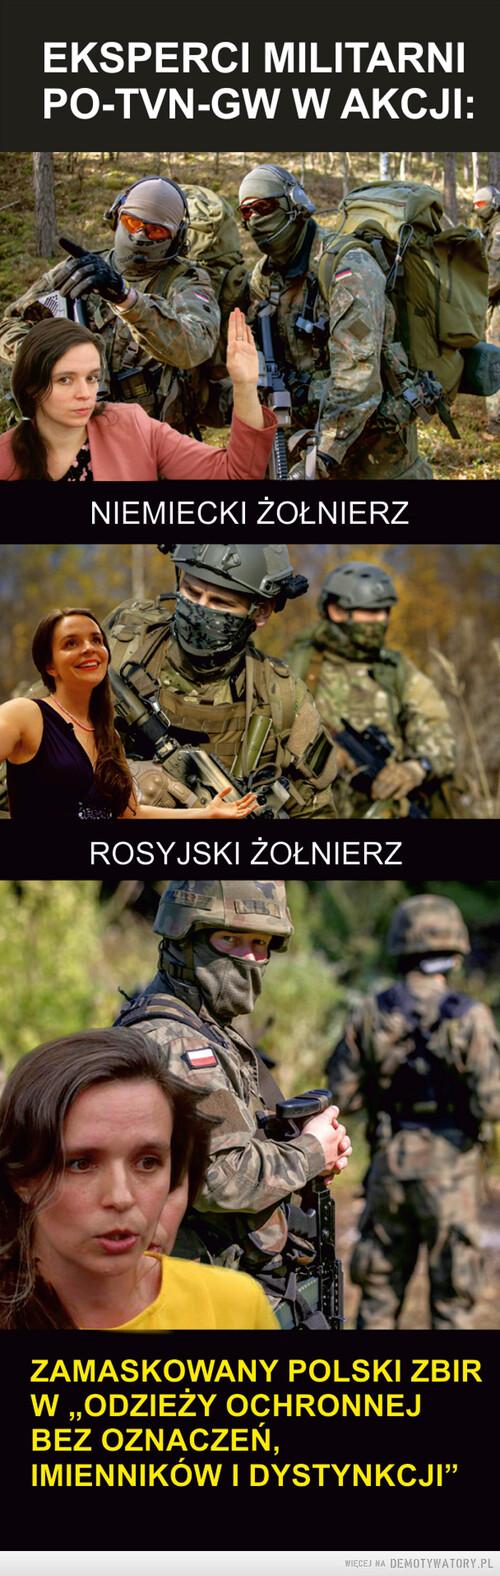 Eksperci wojskowi PO-TVN-GW w akcji